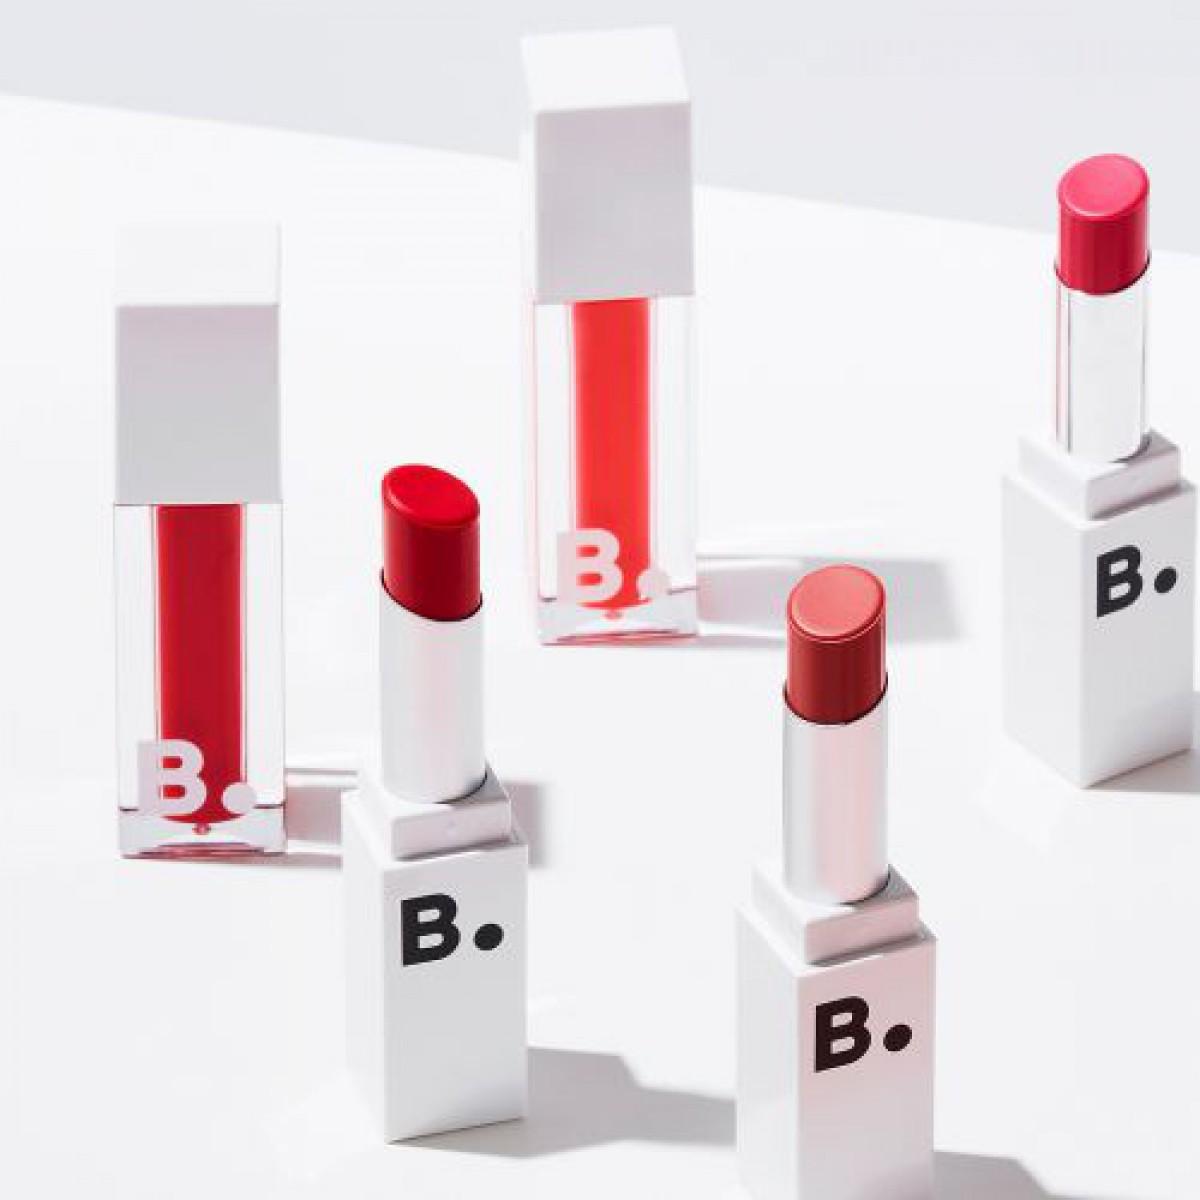 次なるブーム?韓国コスメ「B by BANILA(ビーバイバニラ)」はテクいらずで旬顔が完成する必殺アイテムが大集結♪